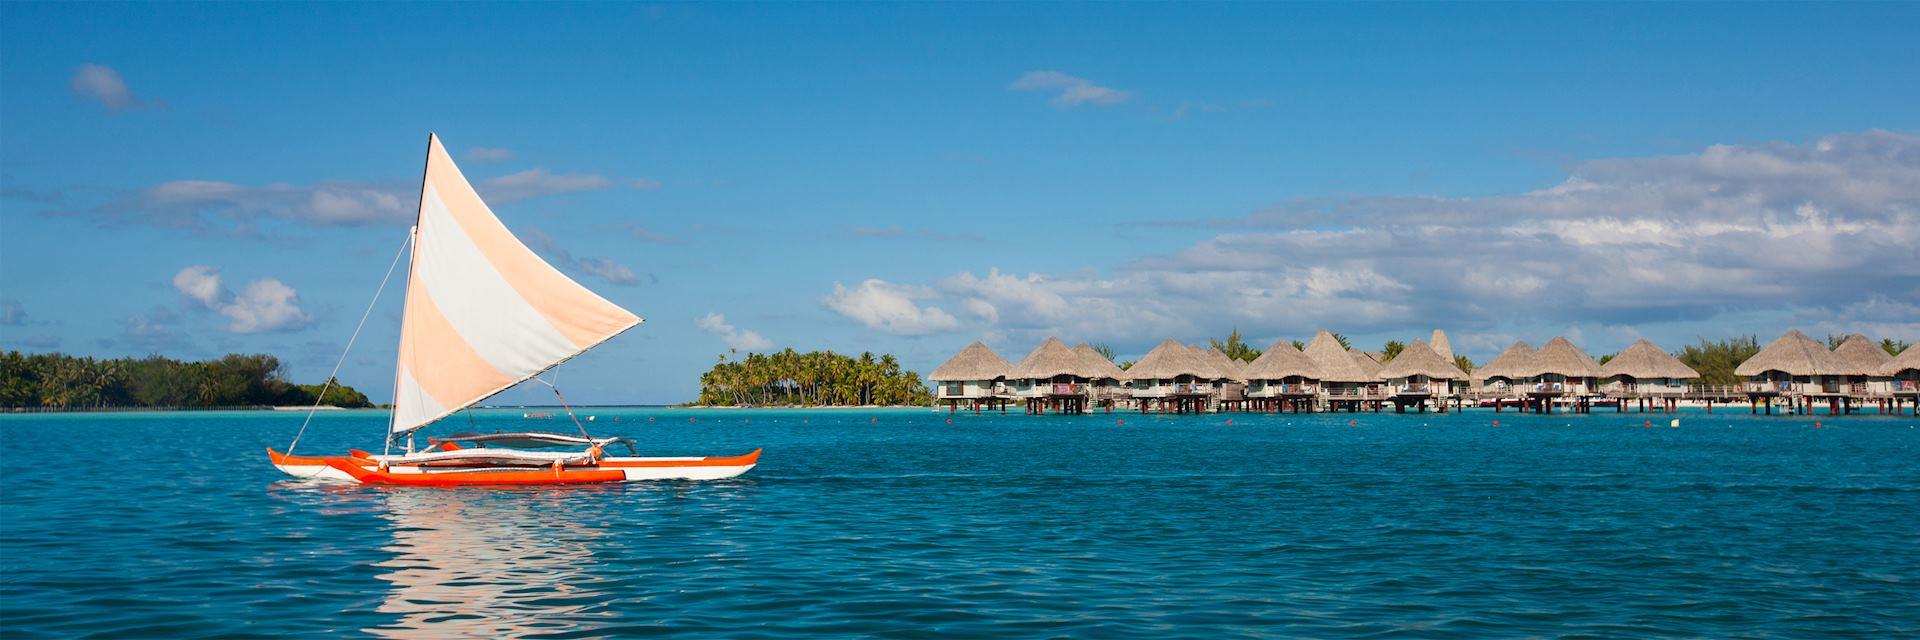 Bora Bora Lagoon in French Polynesia